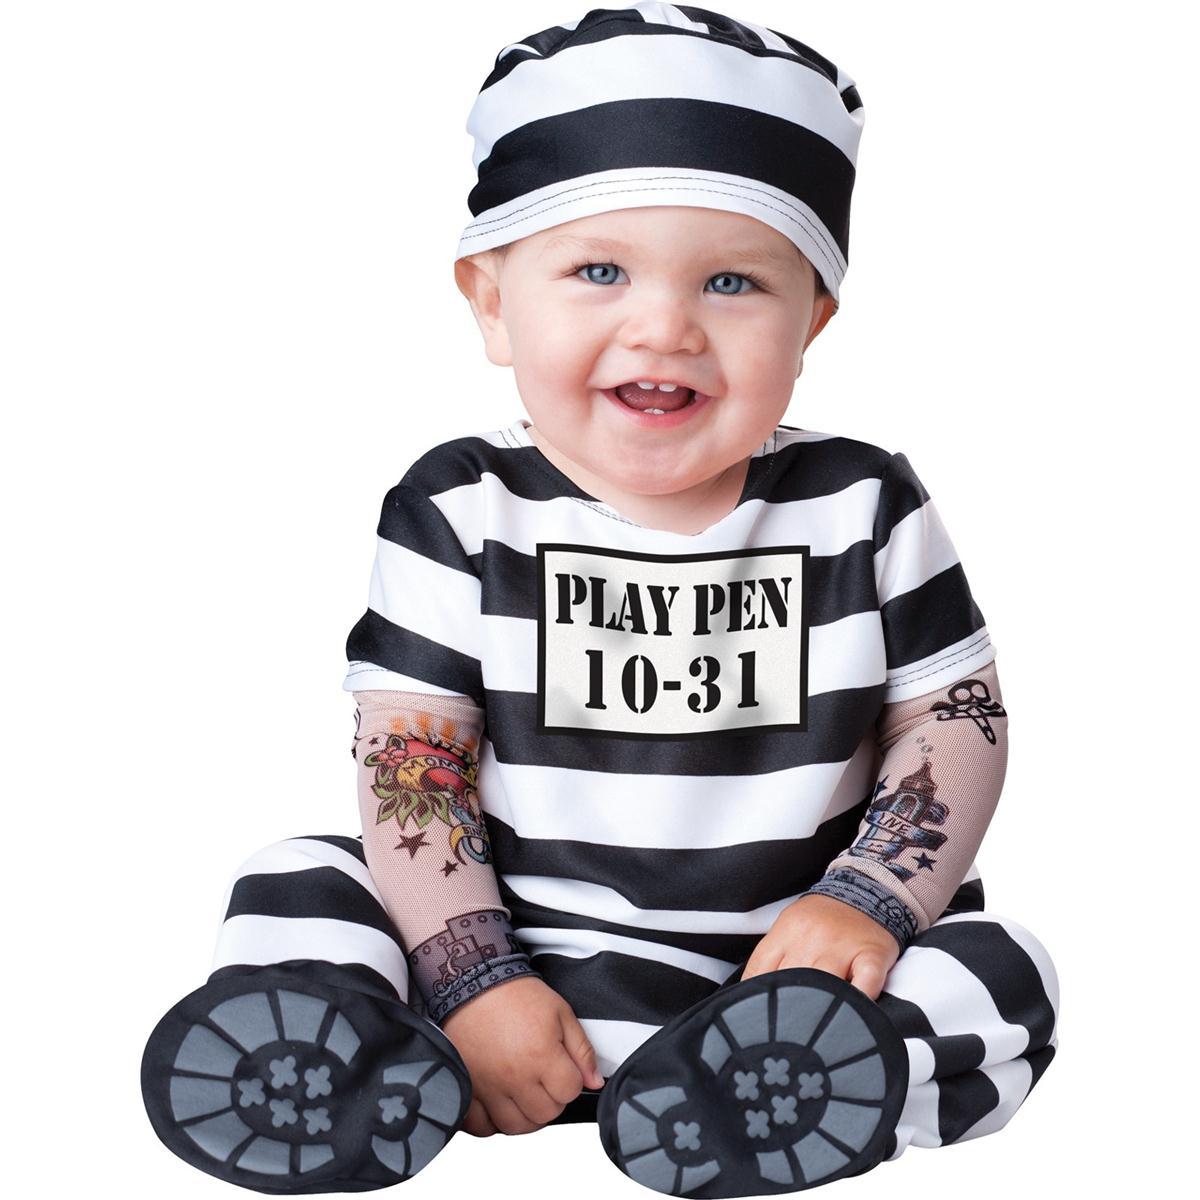 囚人 受刑者 赤ちゃん 着ぐるみ ハロウィン コスプレ コスチューム 幼児 子供 仮装 白黒 ボーダー 服 あす楽